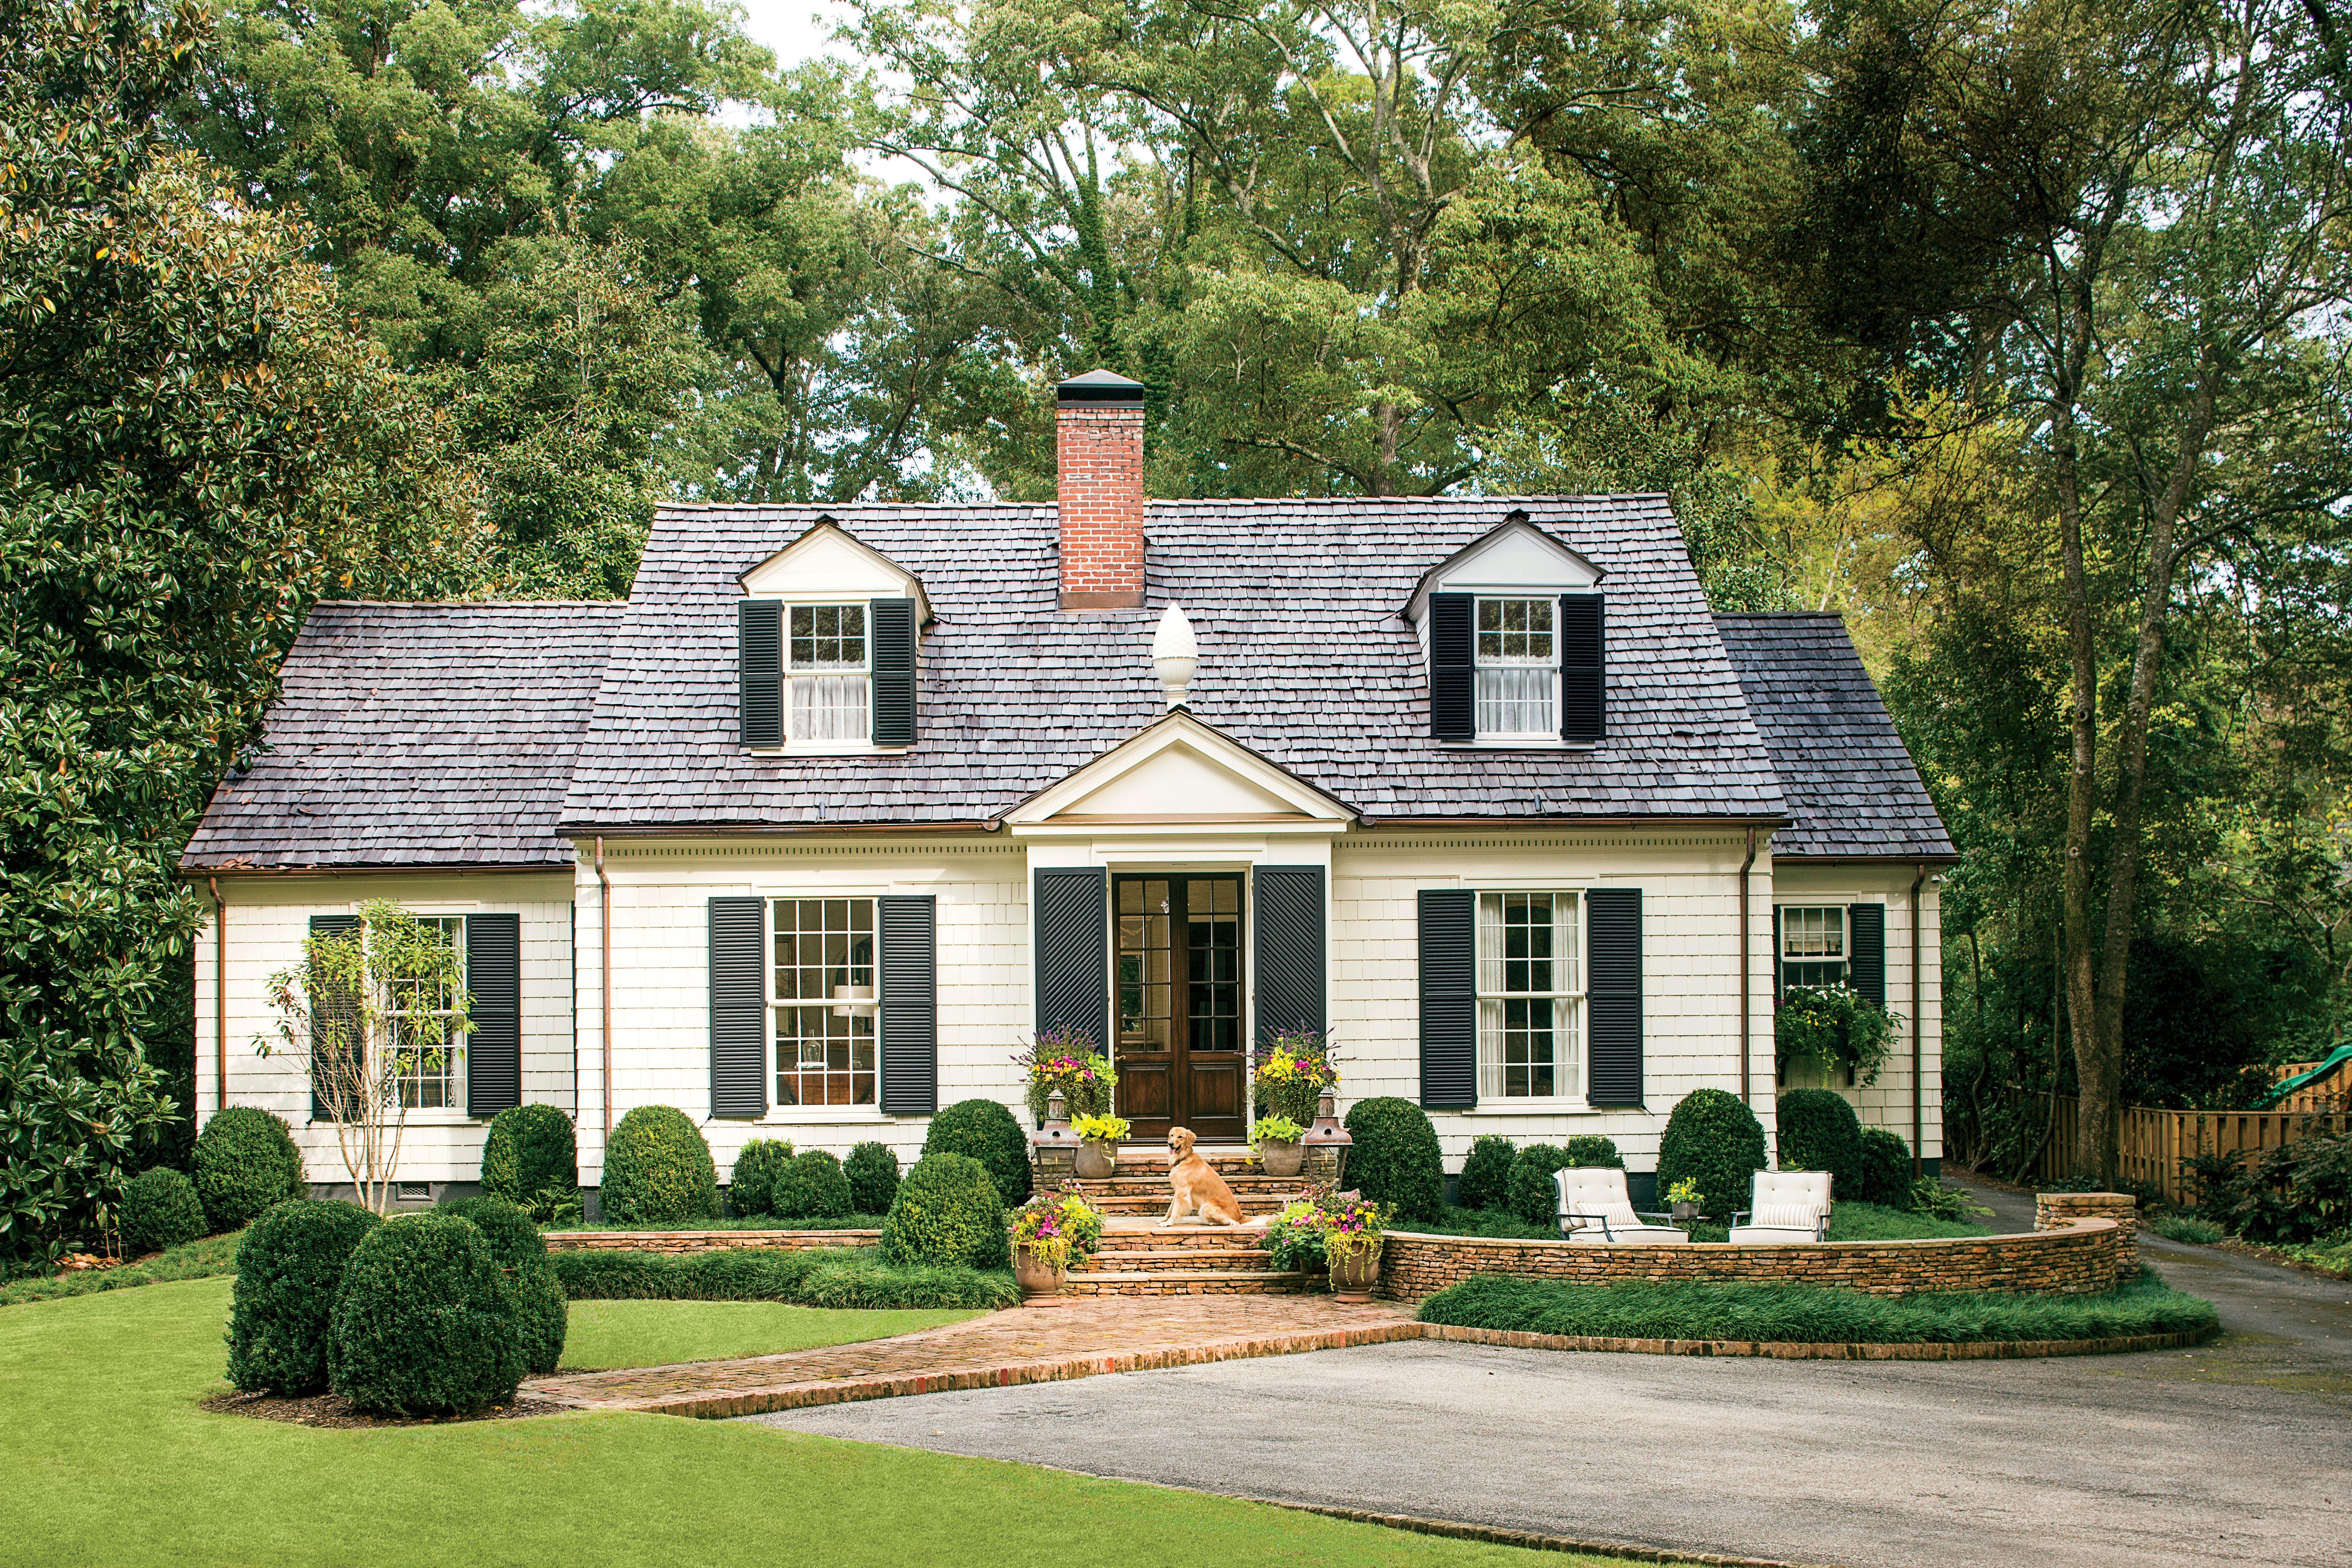 charming cottage curb appeal makeover home decor. Black Bedroom Furniture Sets. Home Design Ideas